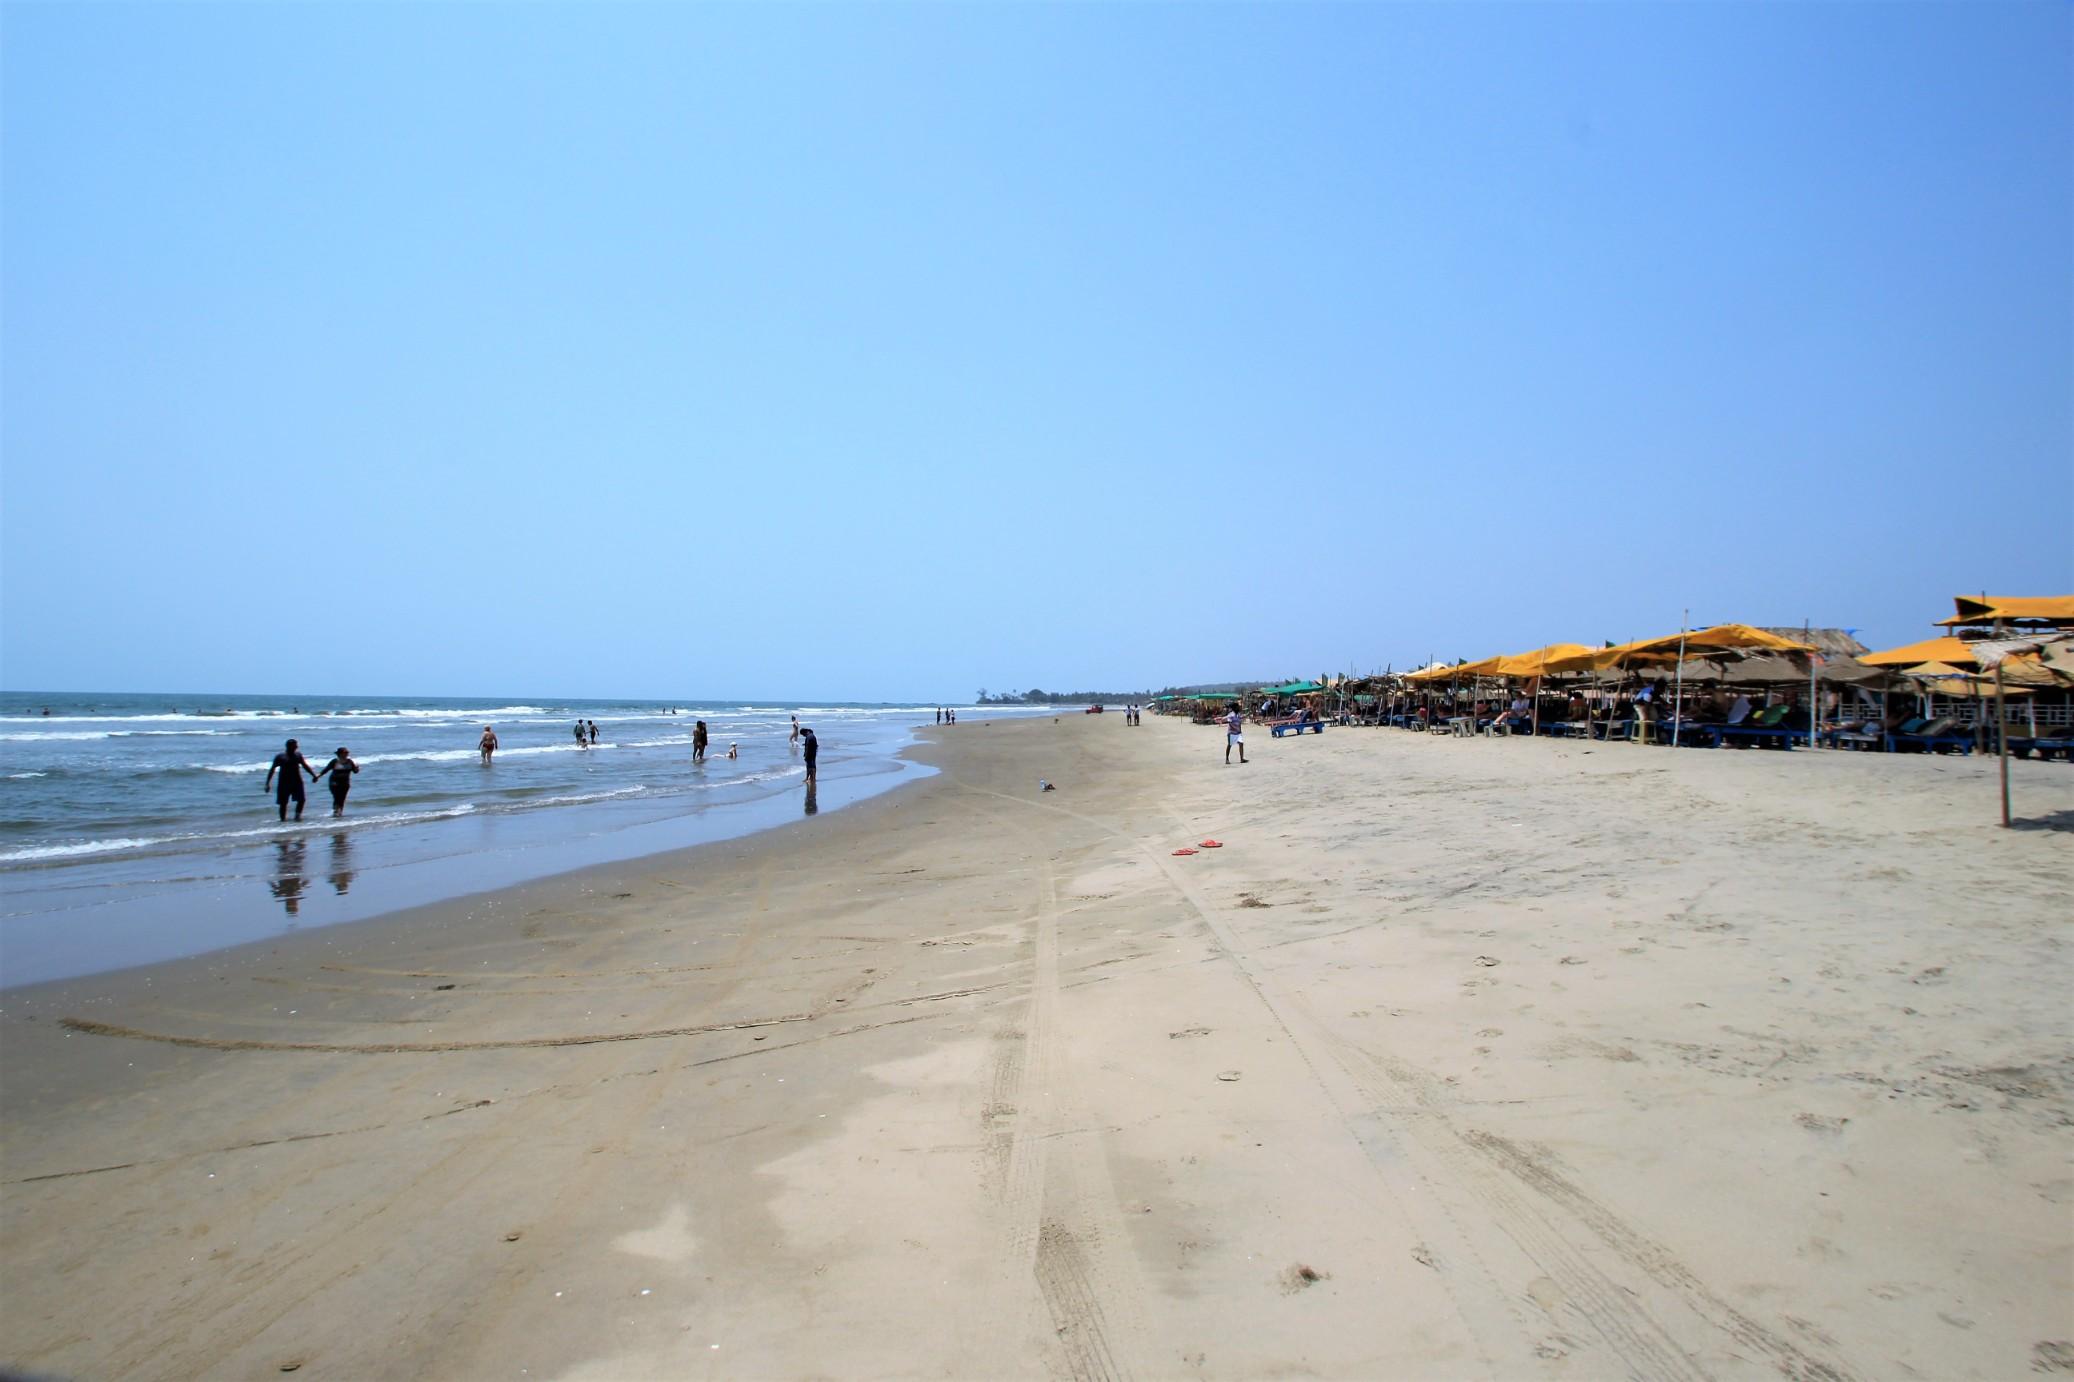 Morjim Beachfront